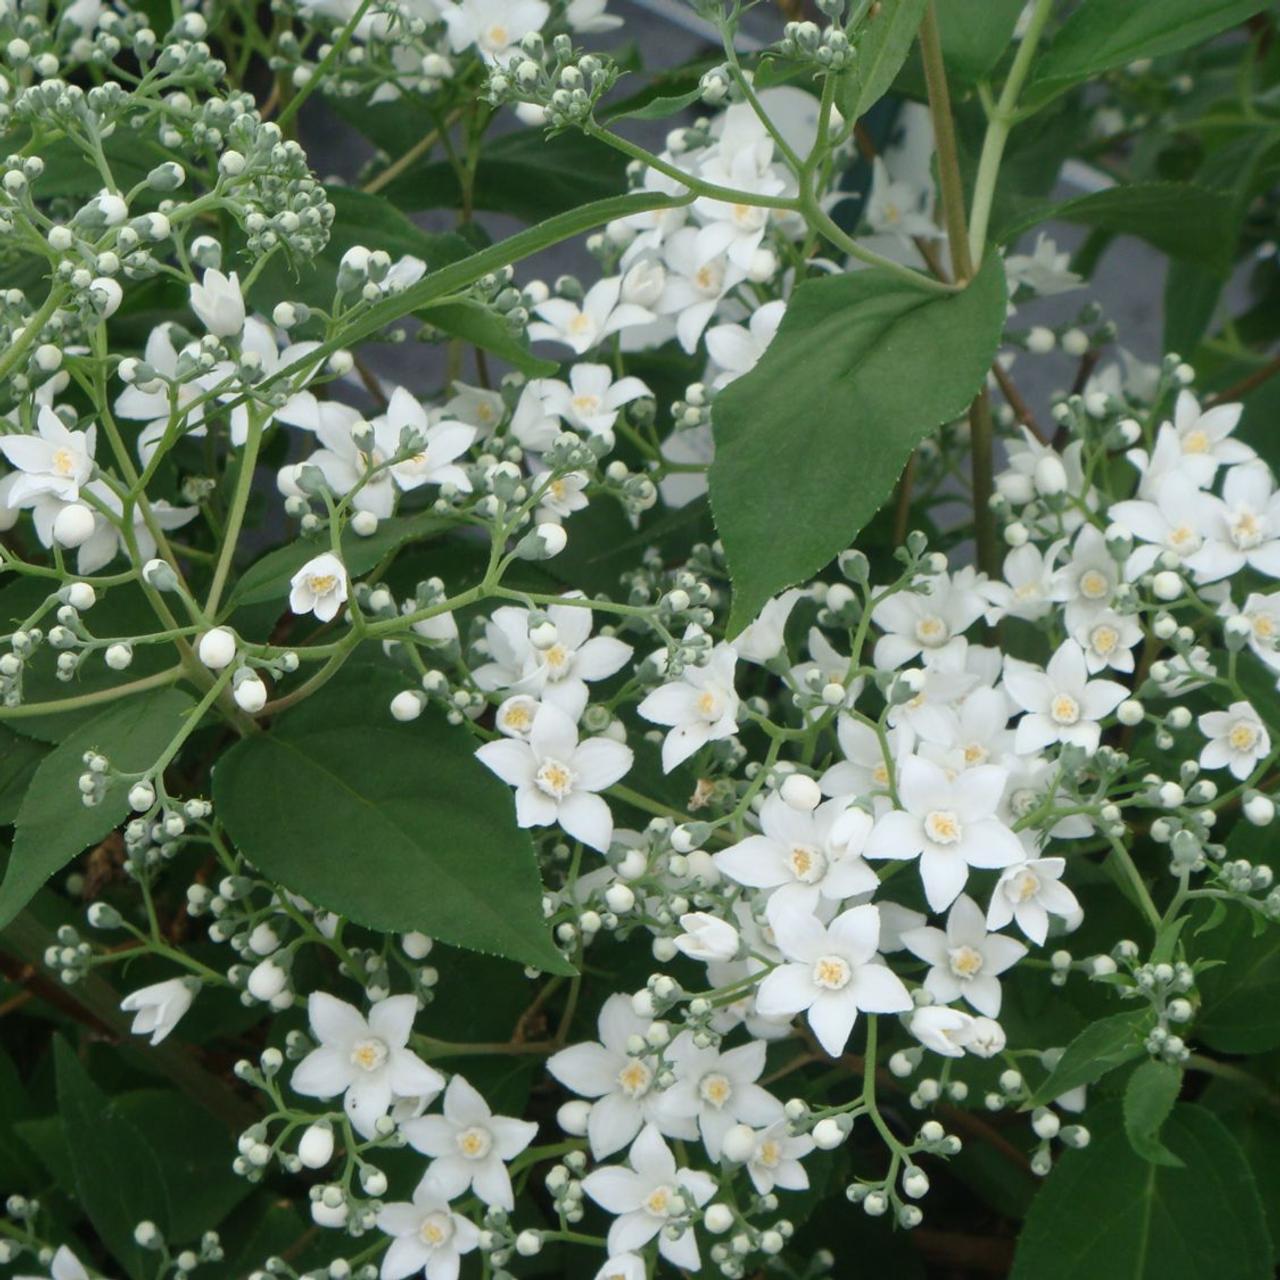 Deutzia setch. corymbiflora plant